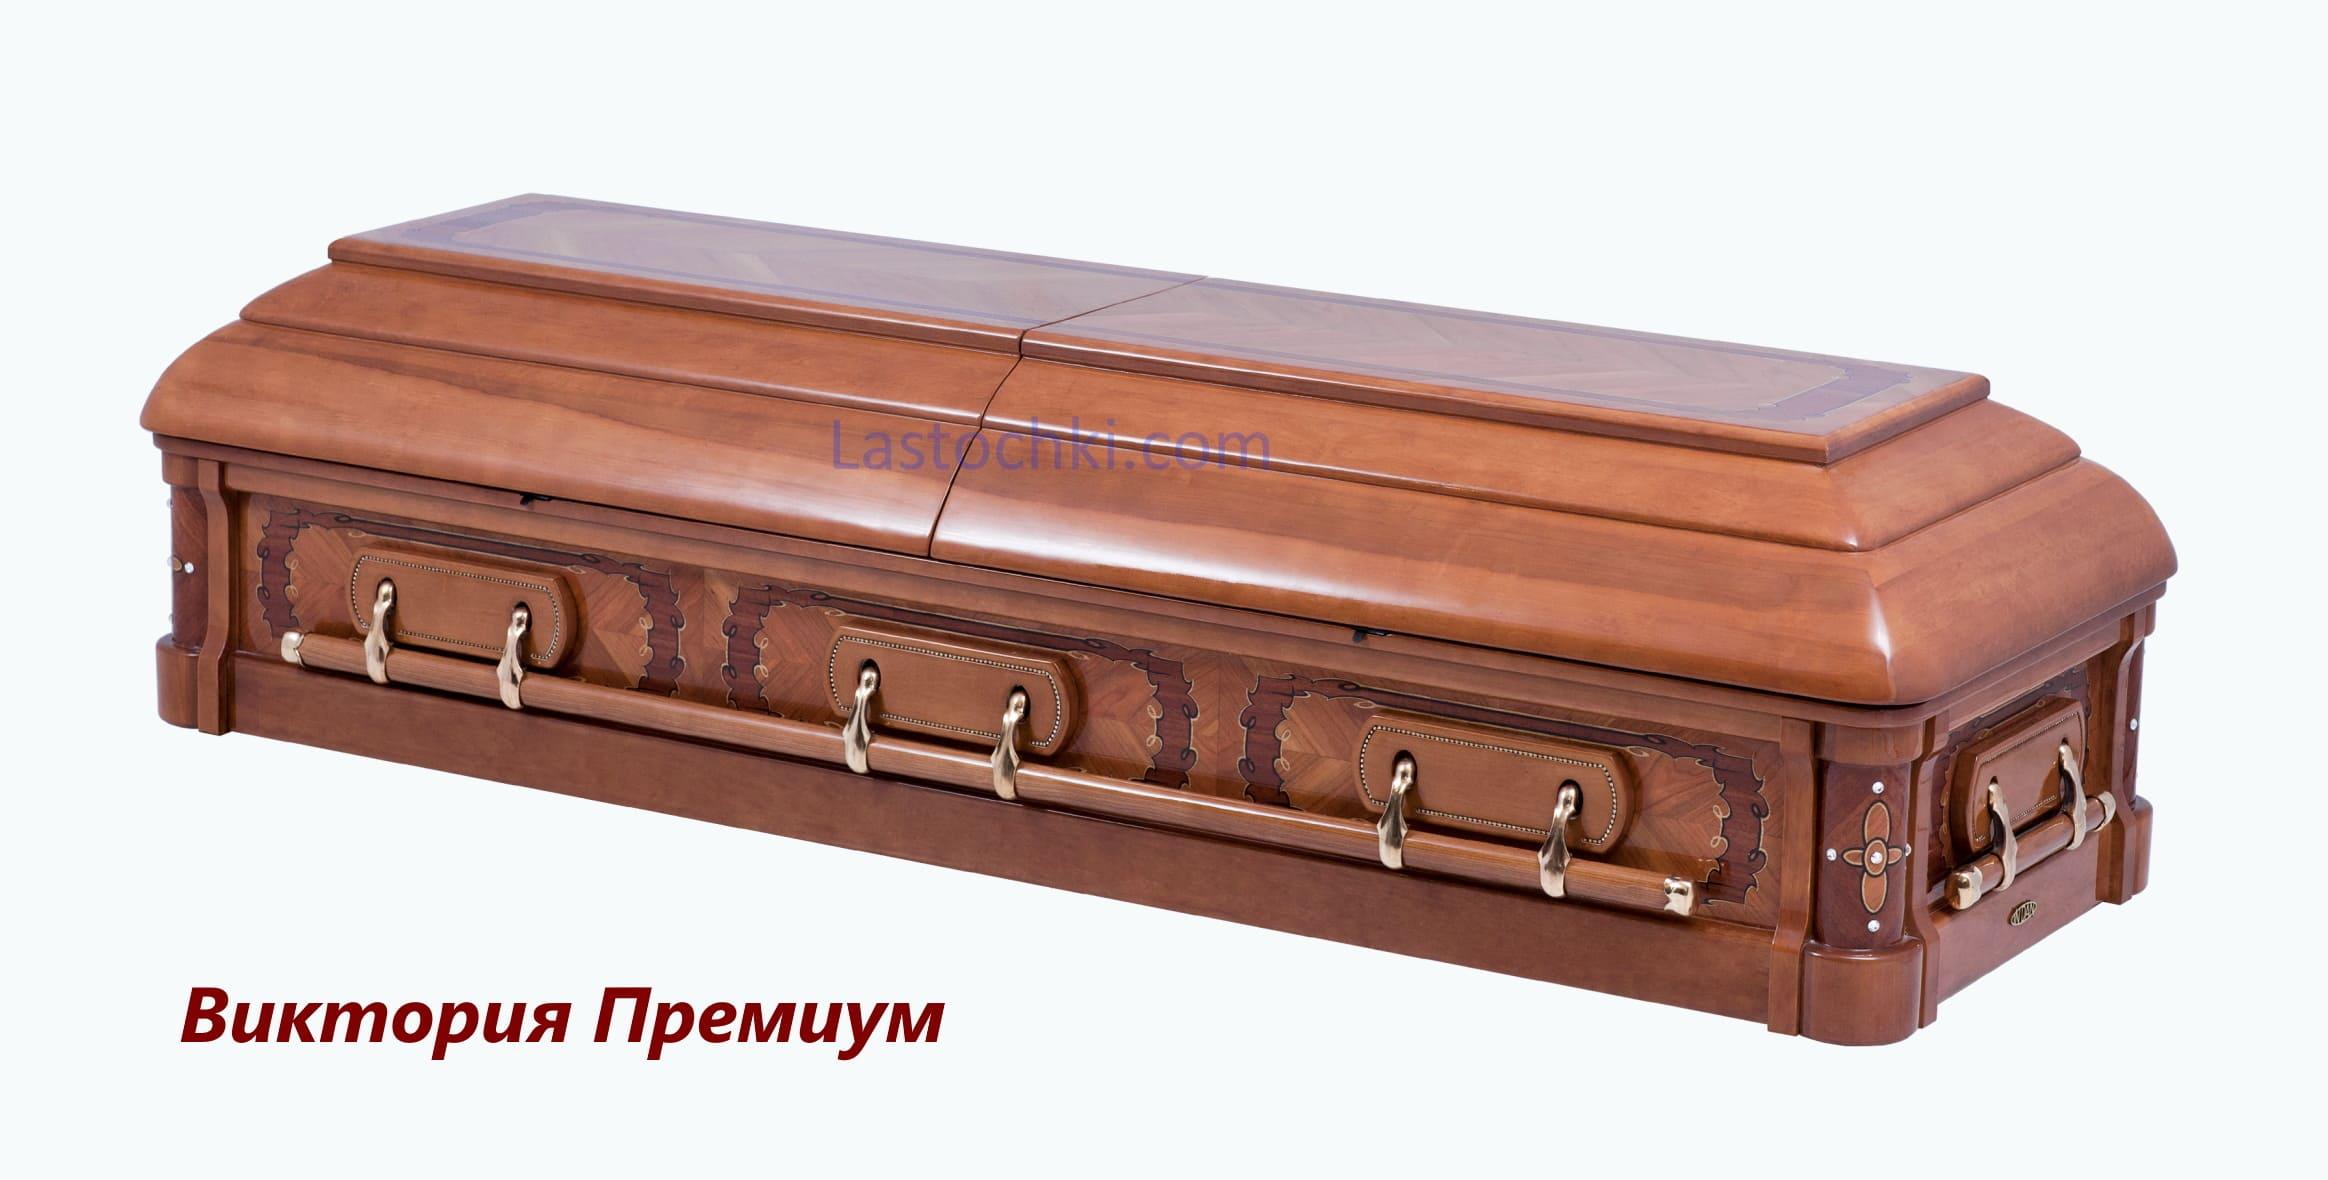 Саркофаг Виктория премиум  -  Цена 230 000 грн